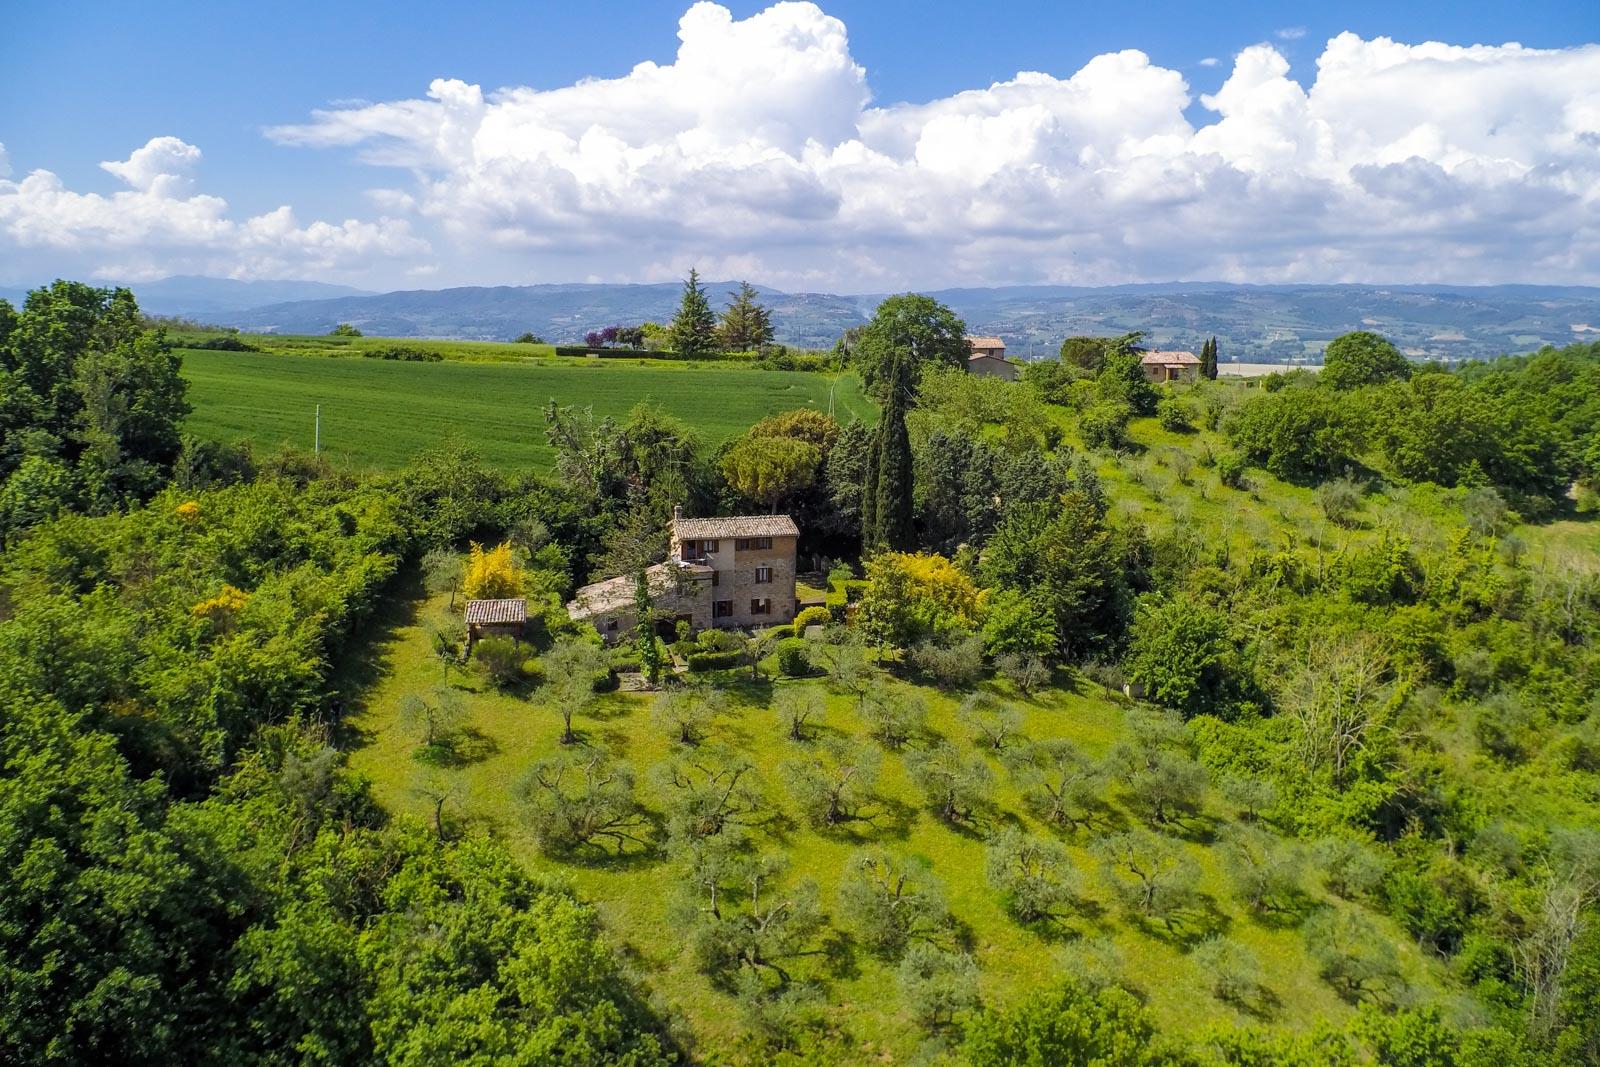 Affascinante casale in pietra in posizione incantevole nelle colline tra Todi e Collazzone